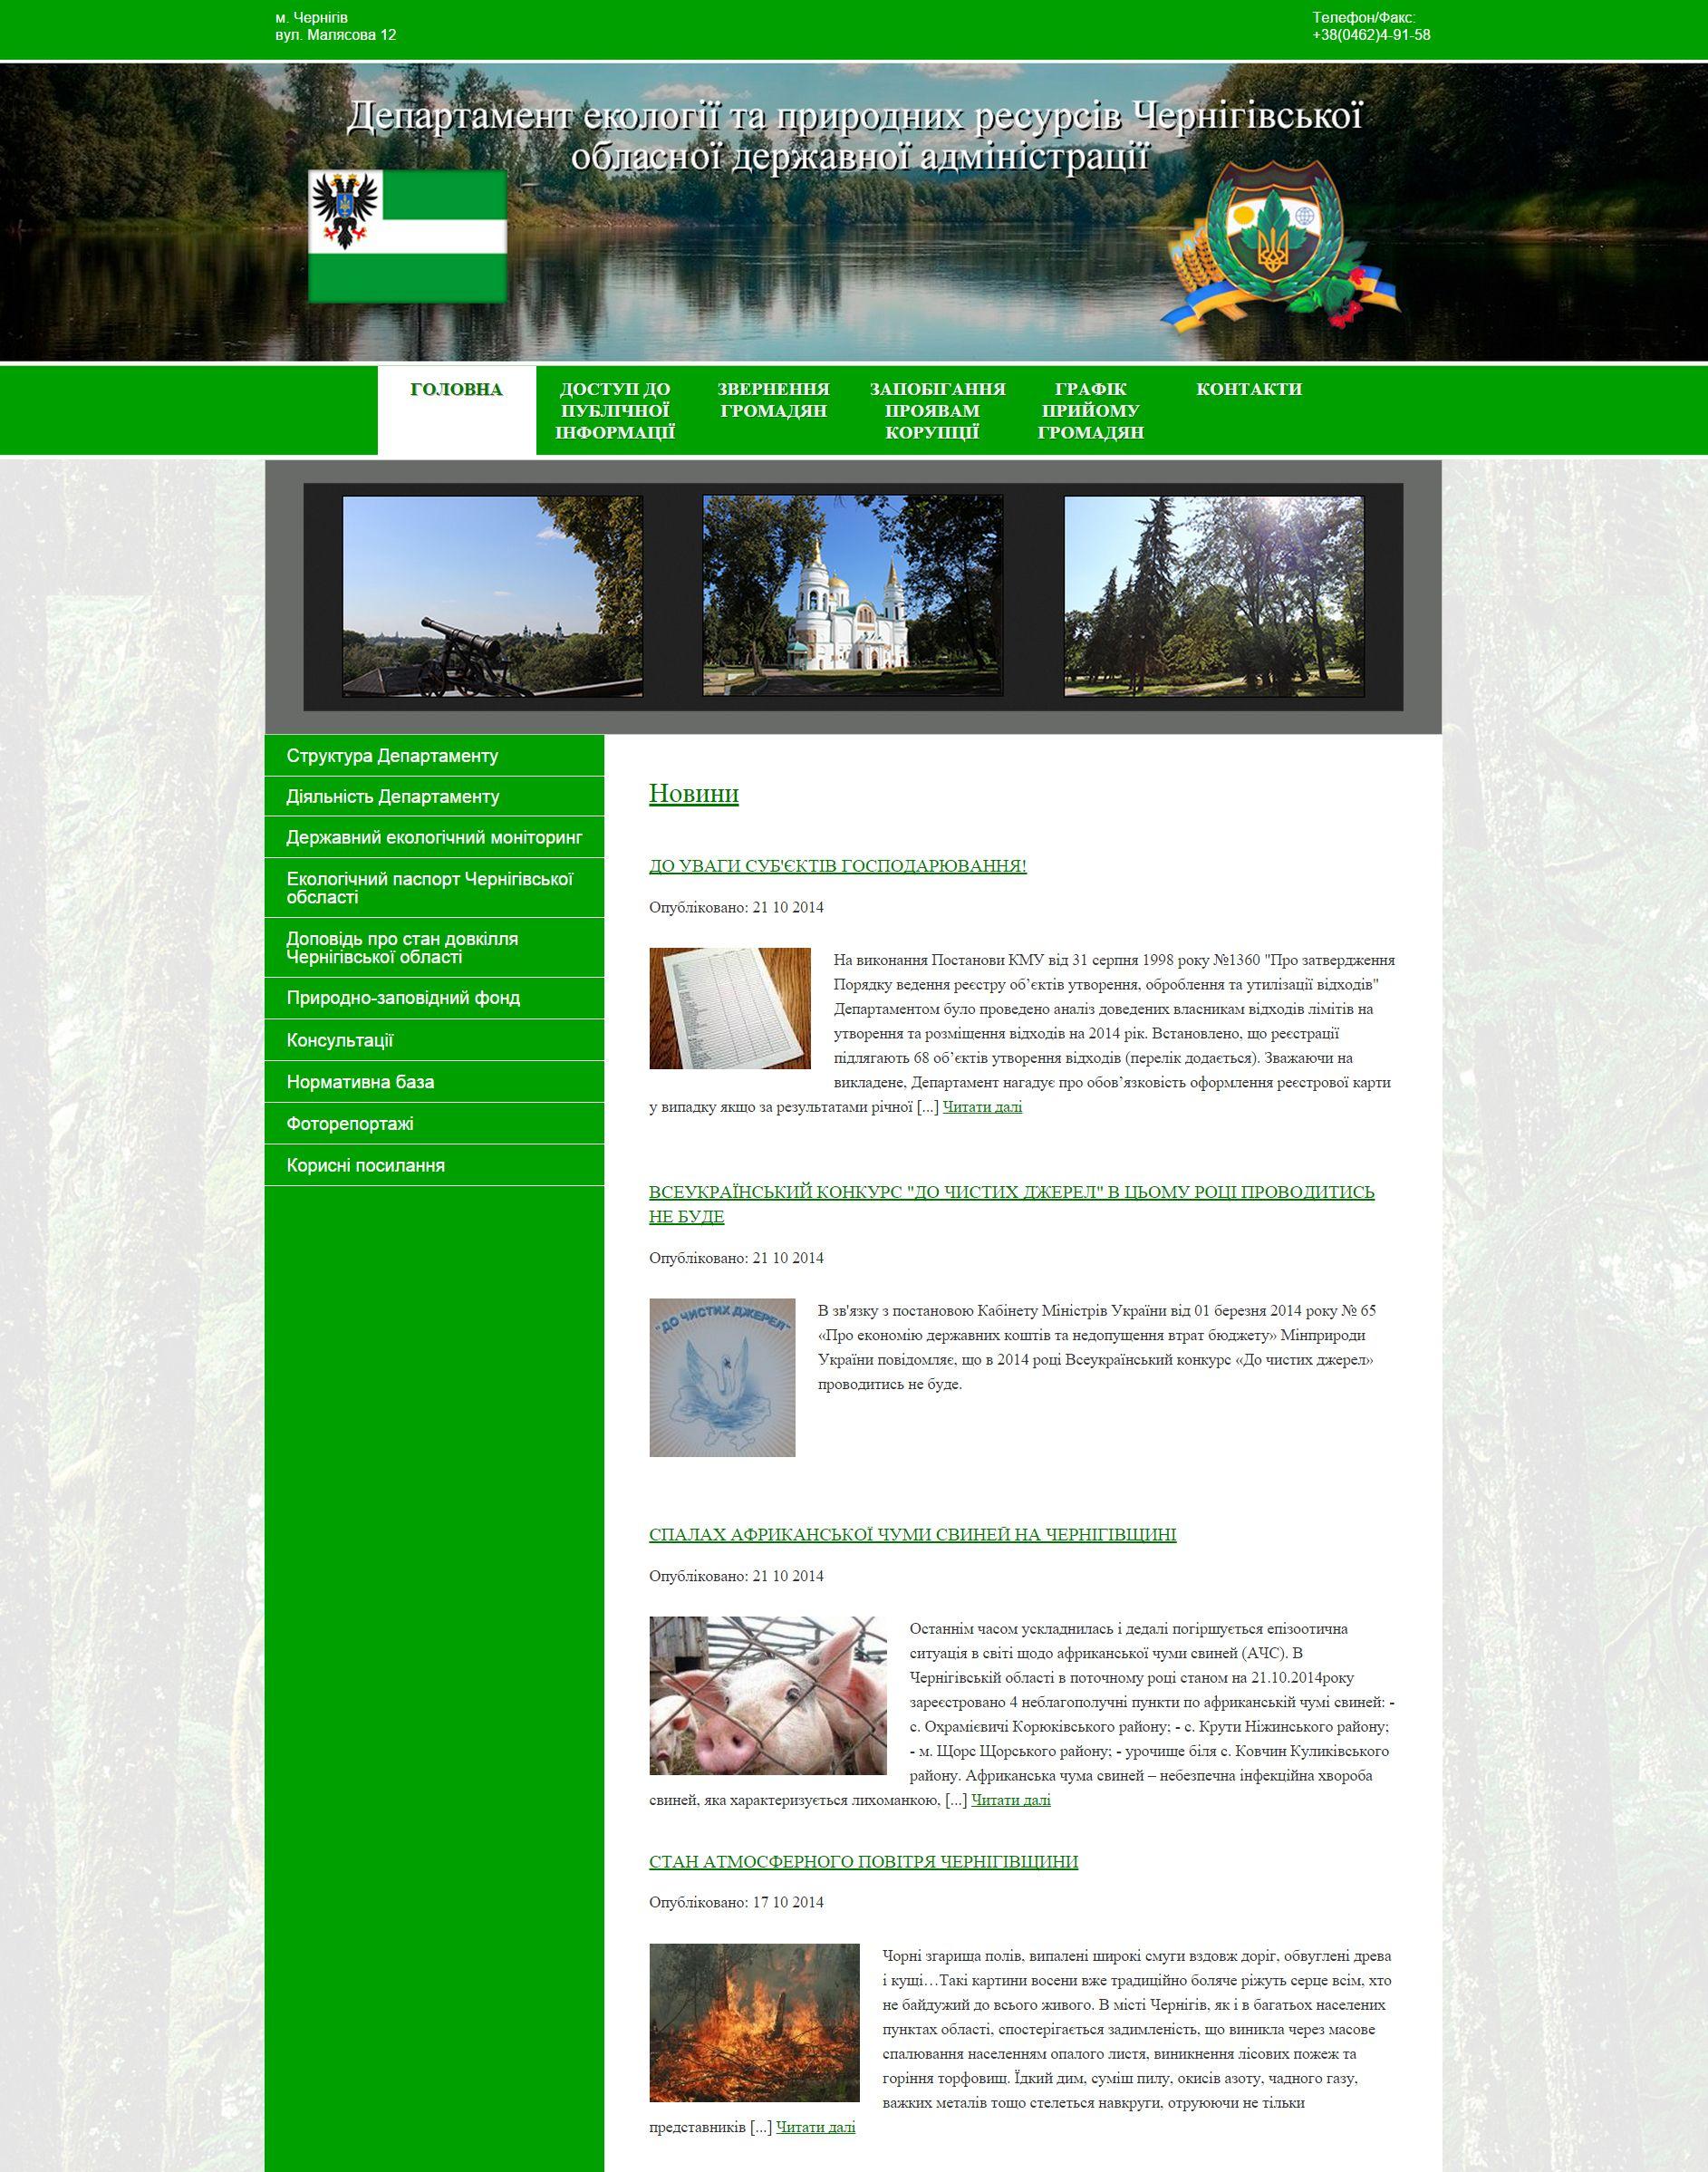 Создание верстка и дизайн сайта